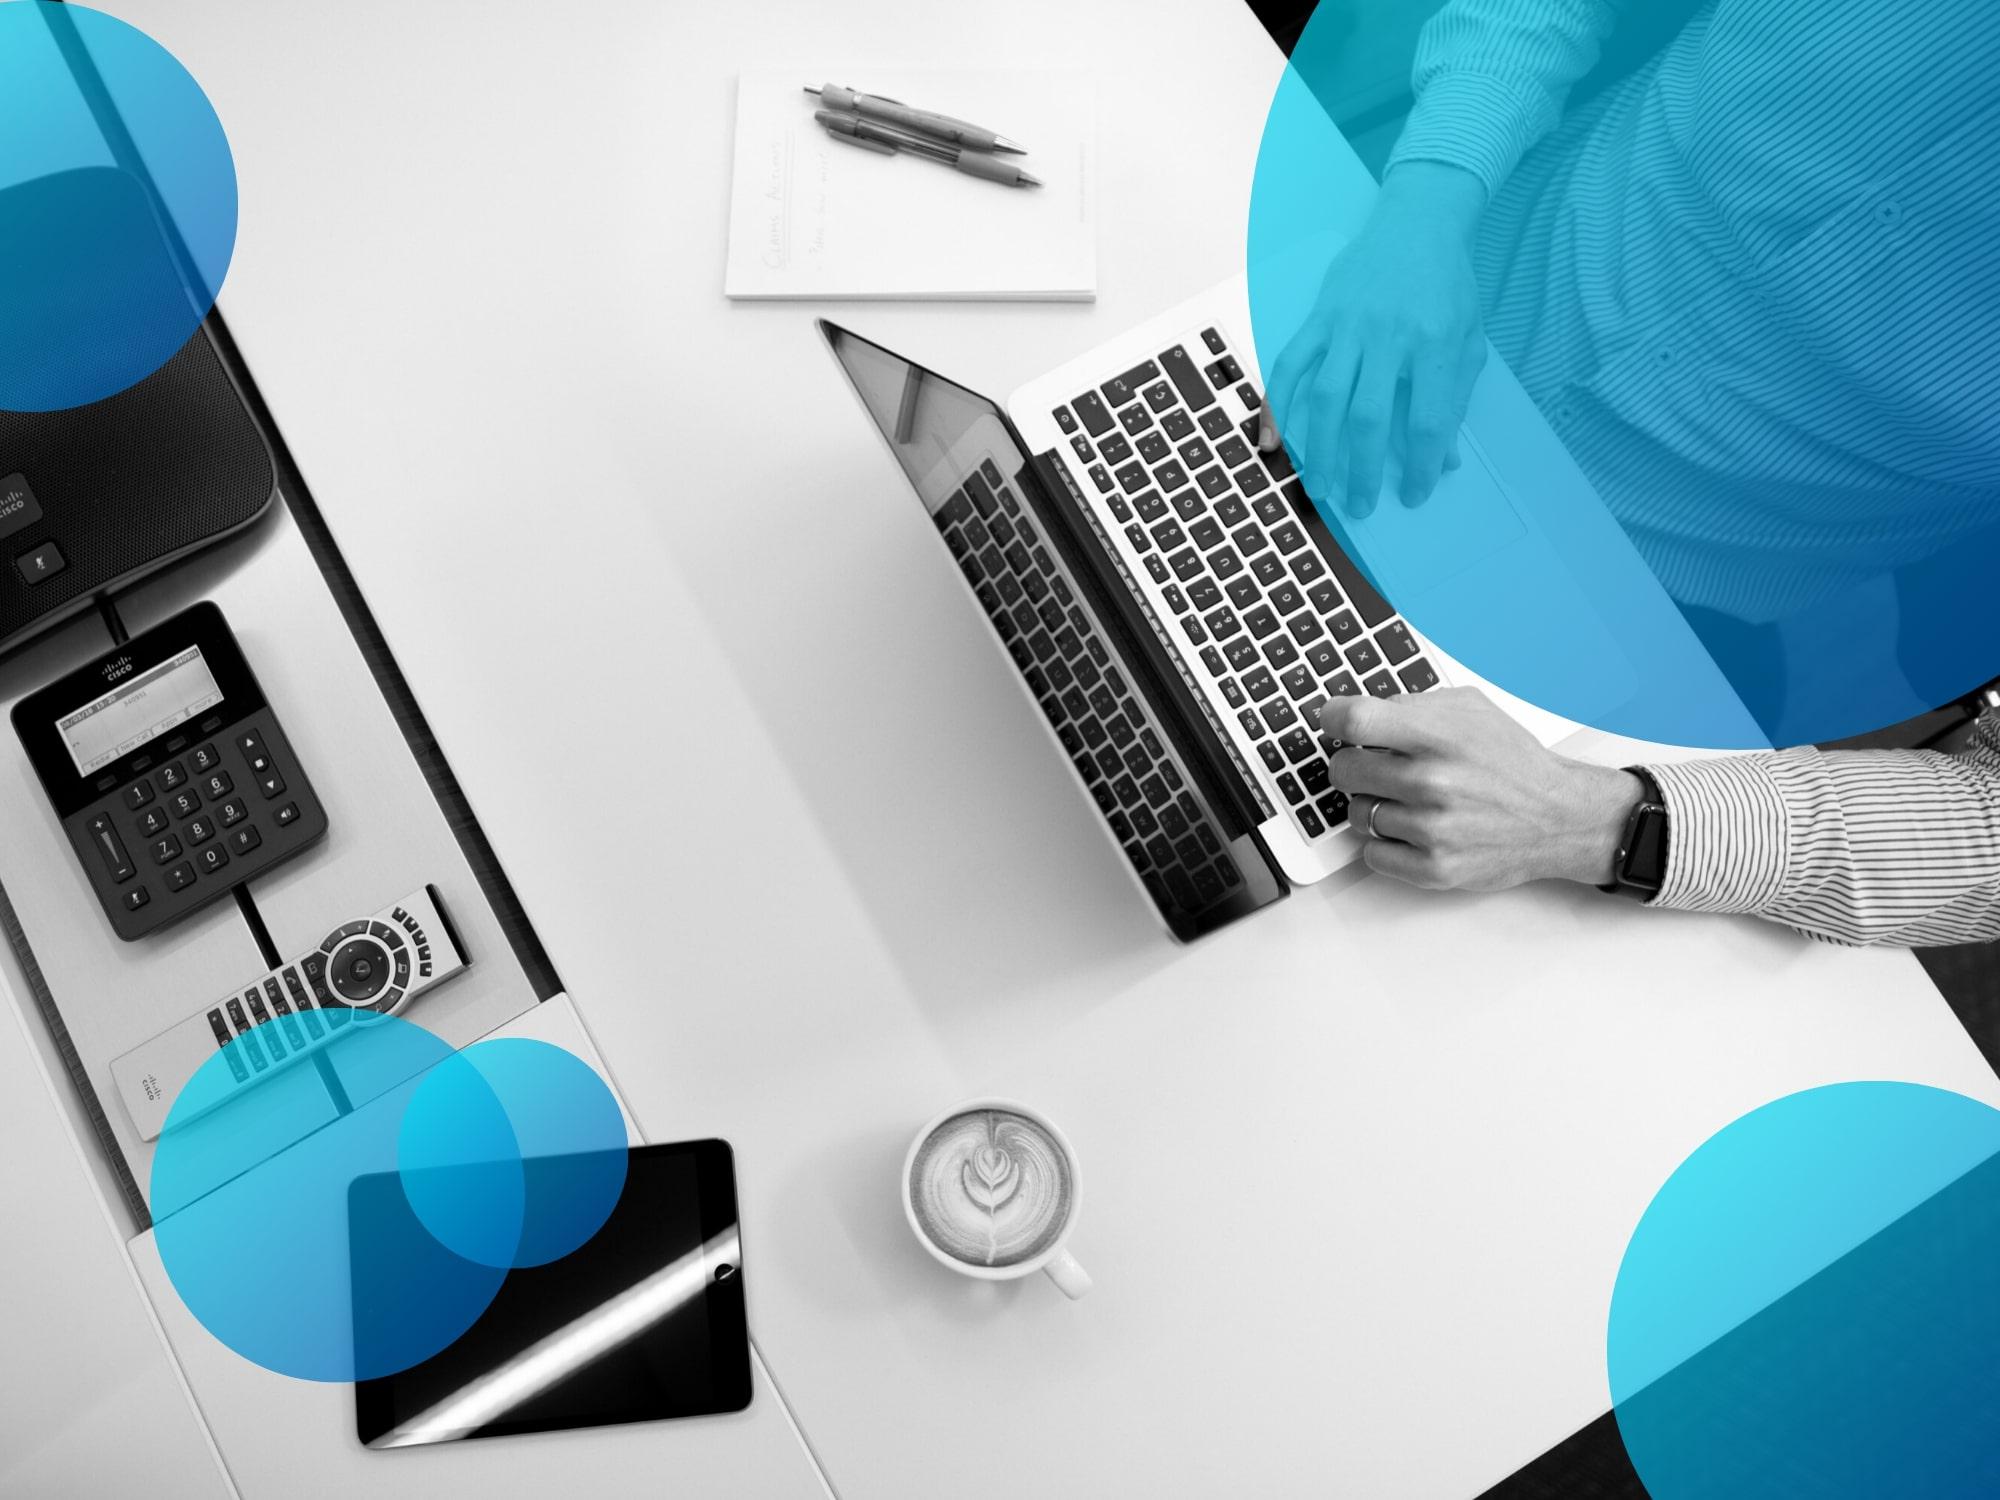 Thiết kế website, thương hiệu, hình ảnh chuyên nghiệp